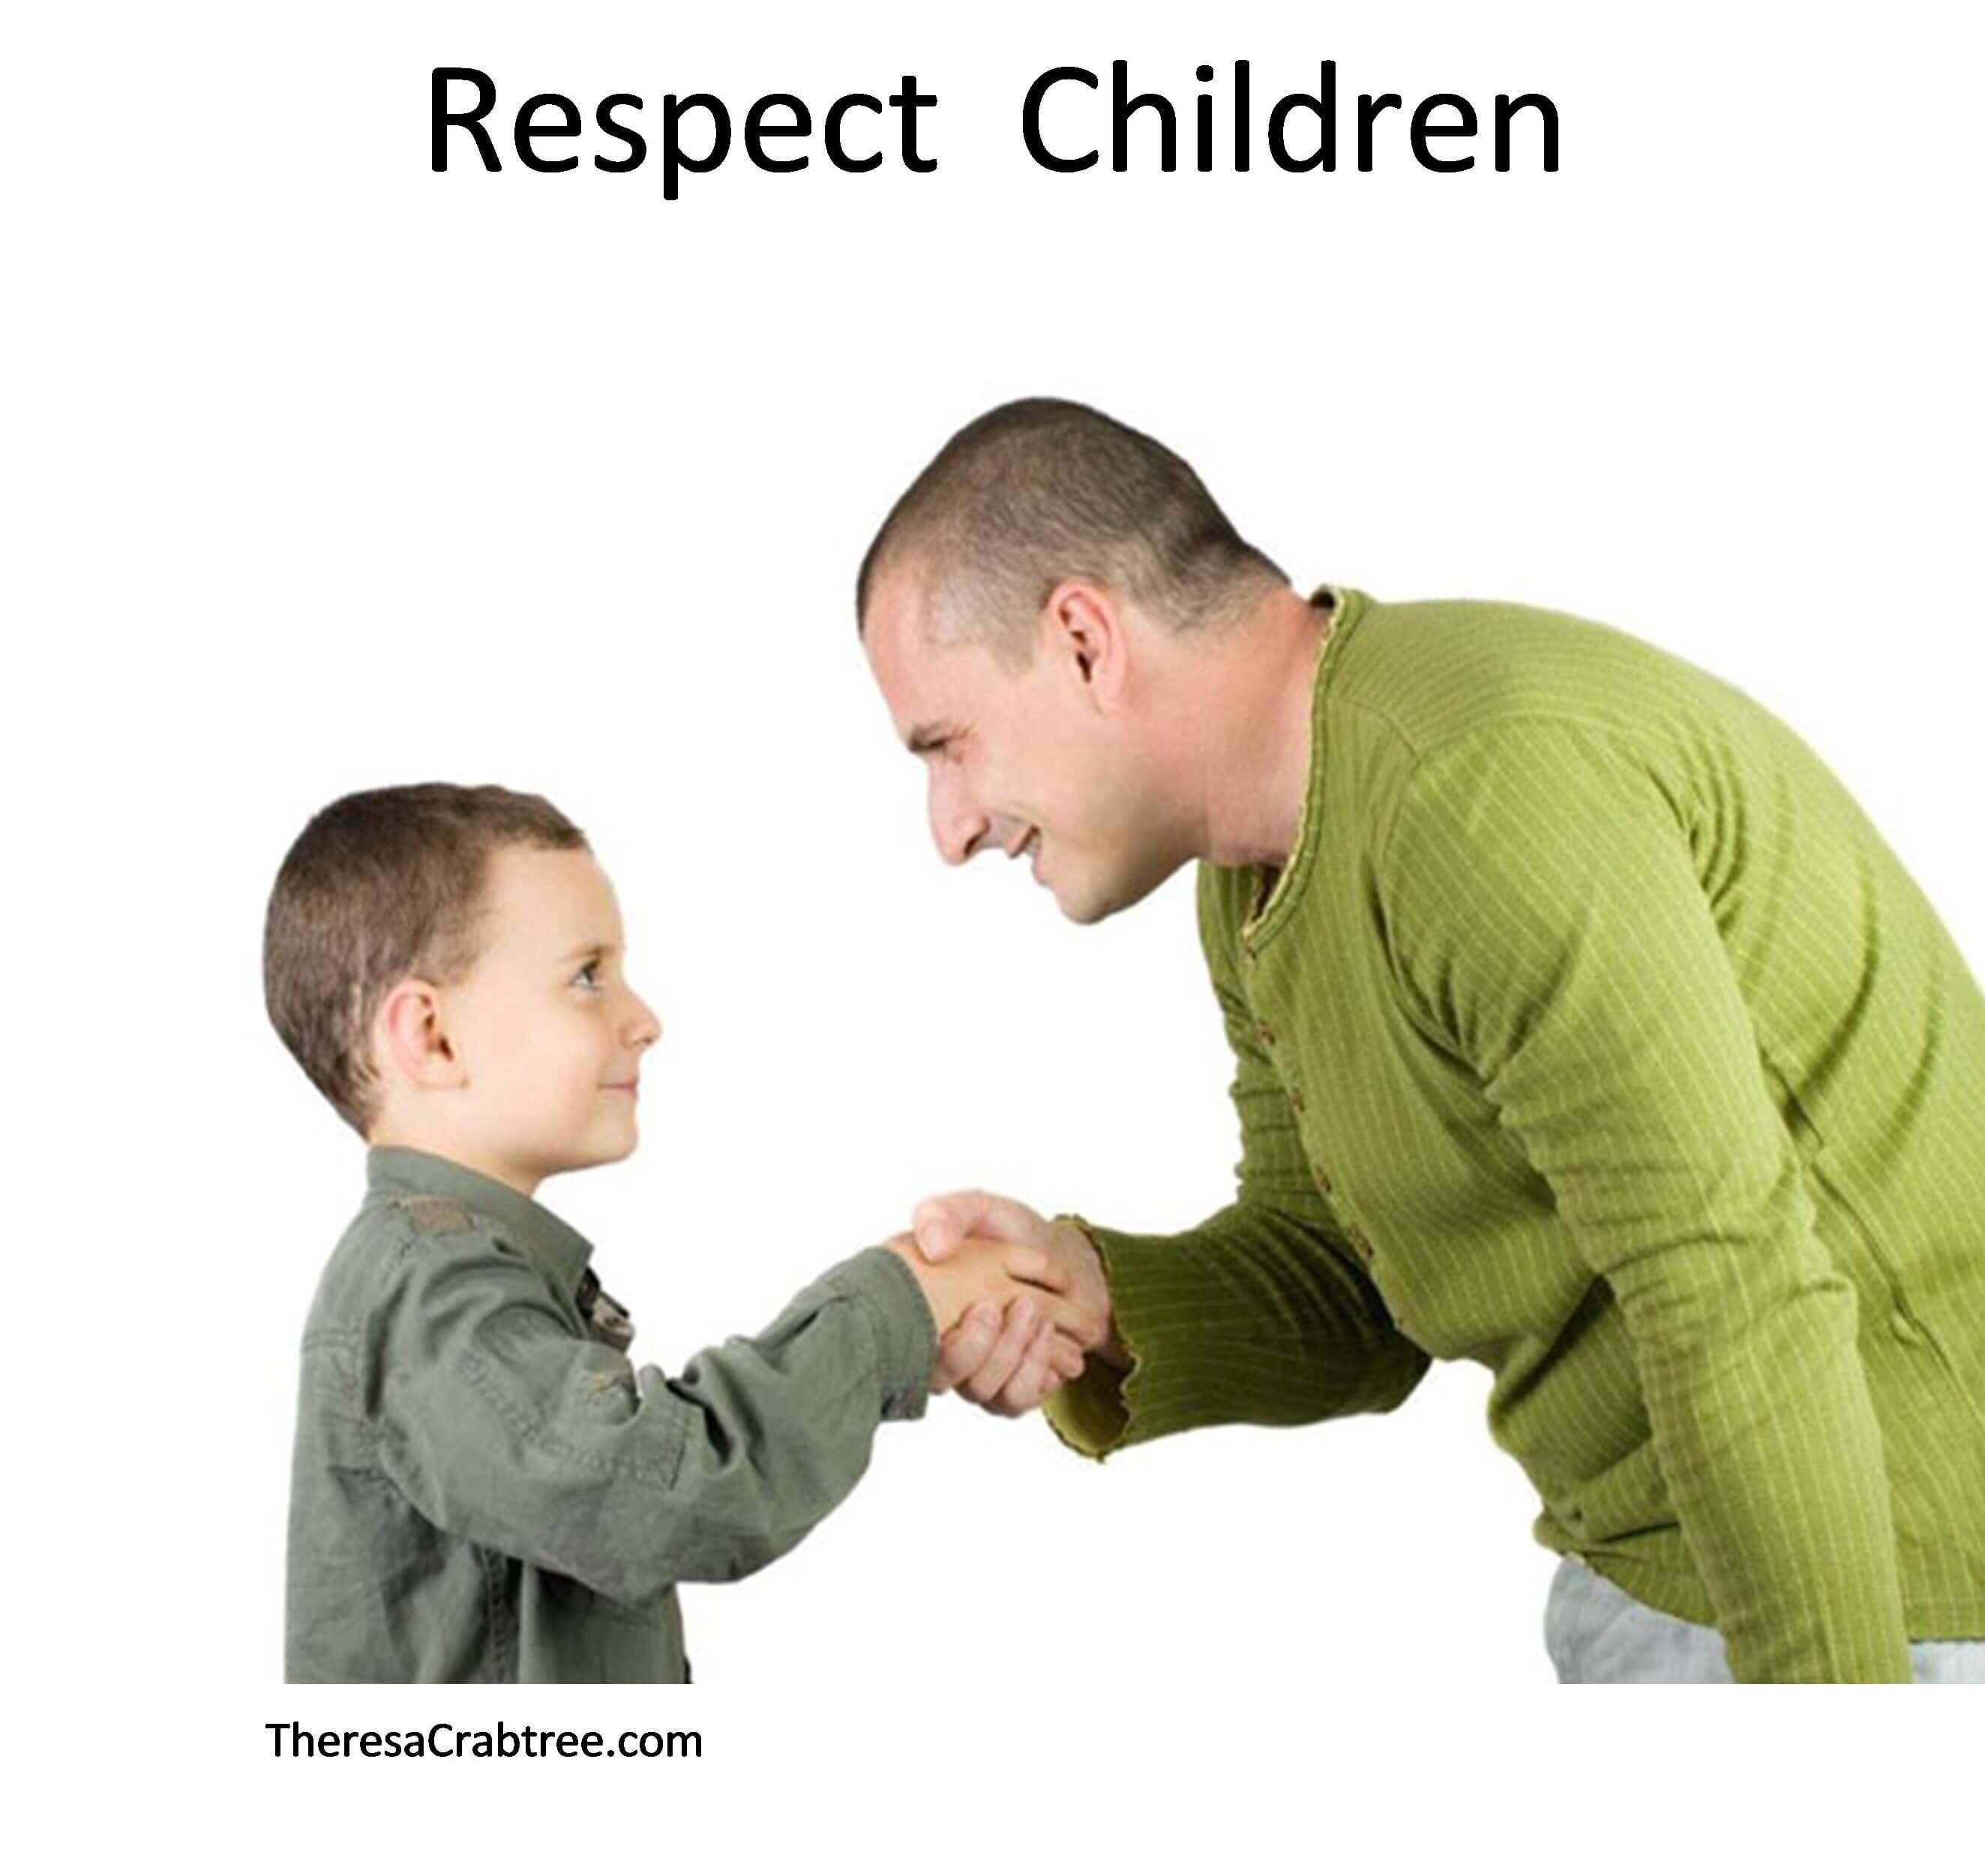 Respect Children